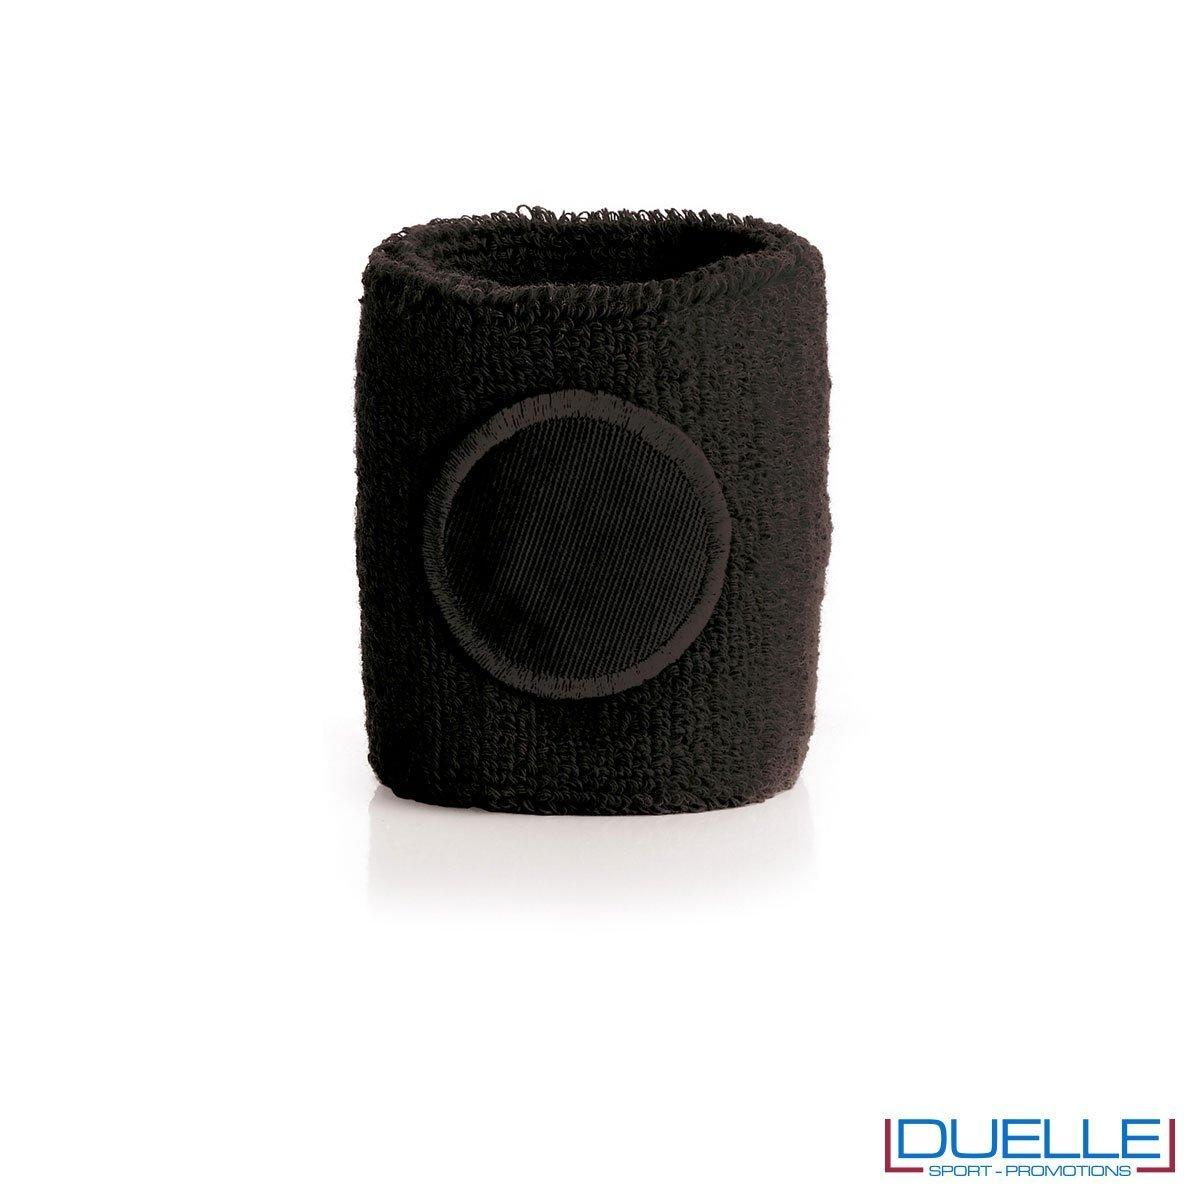 polsino tergisudore personalizzato in colore nero, gadget sportivi personalizzati